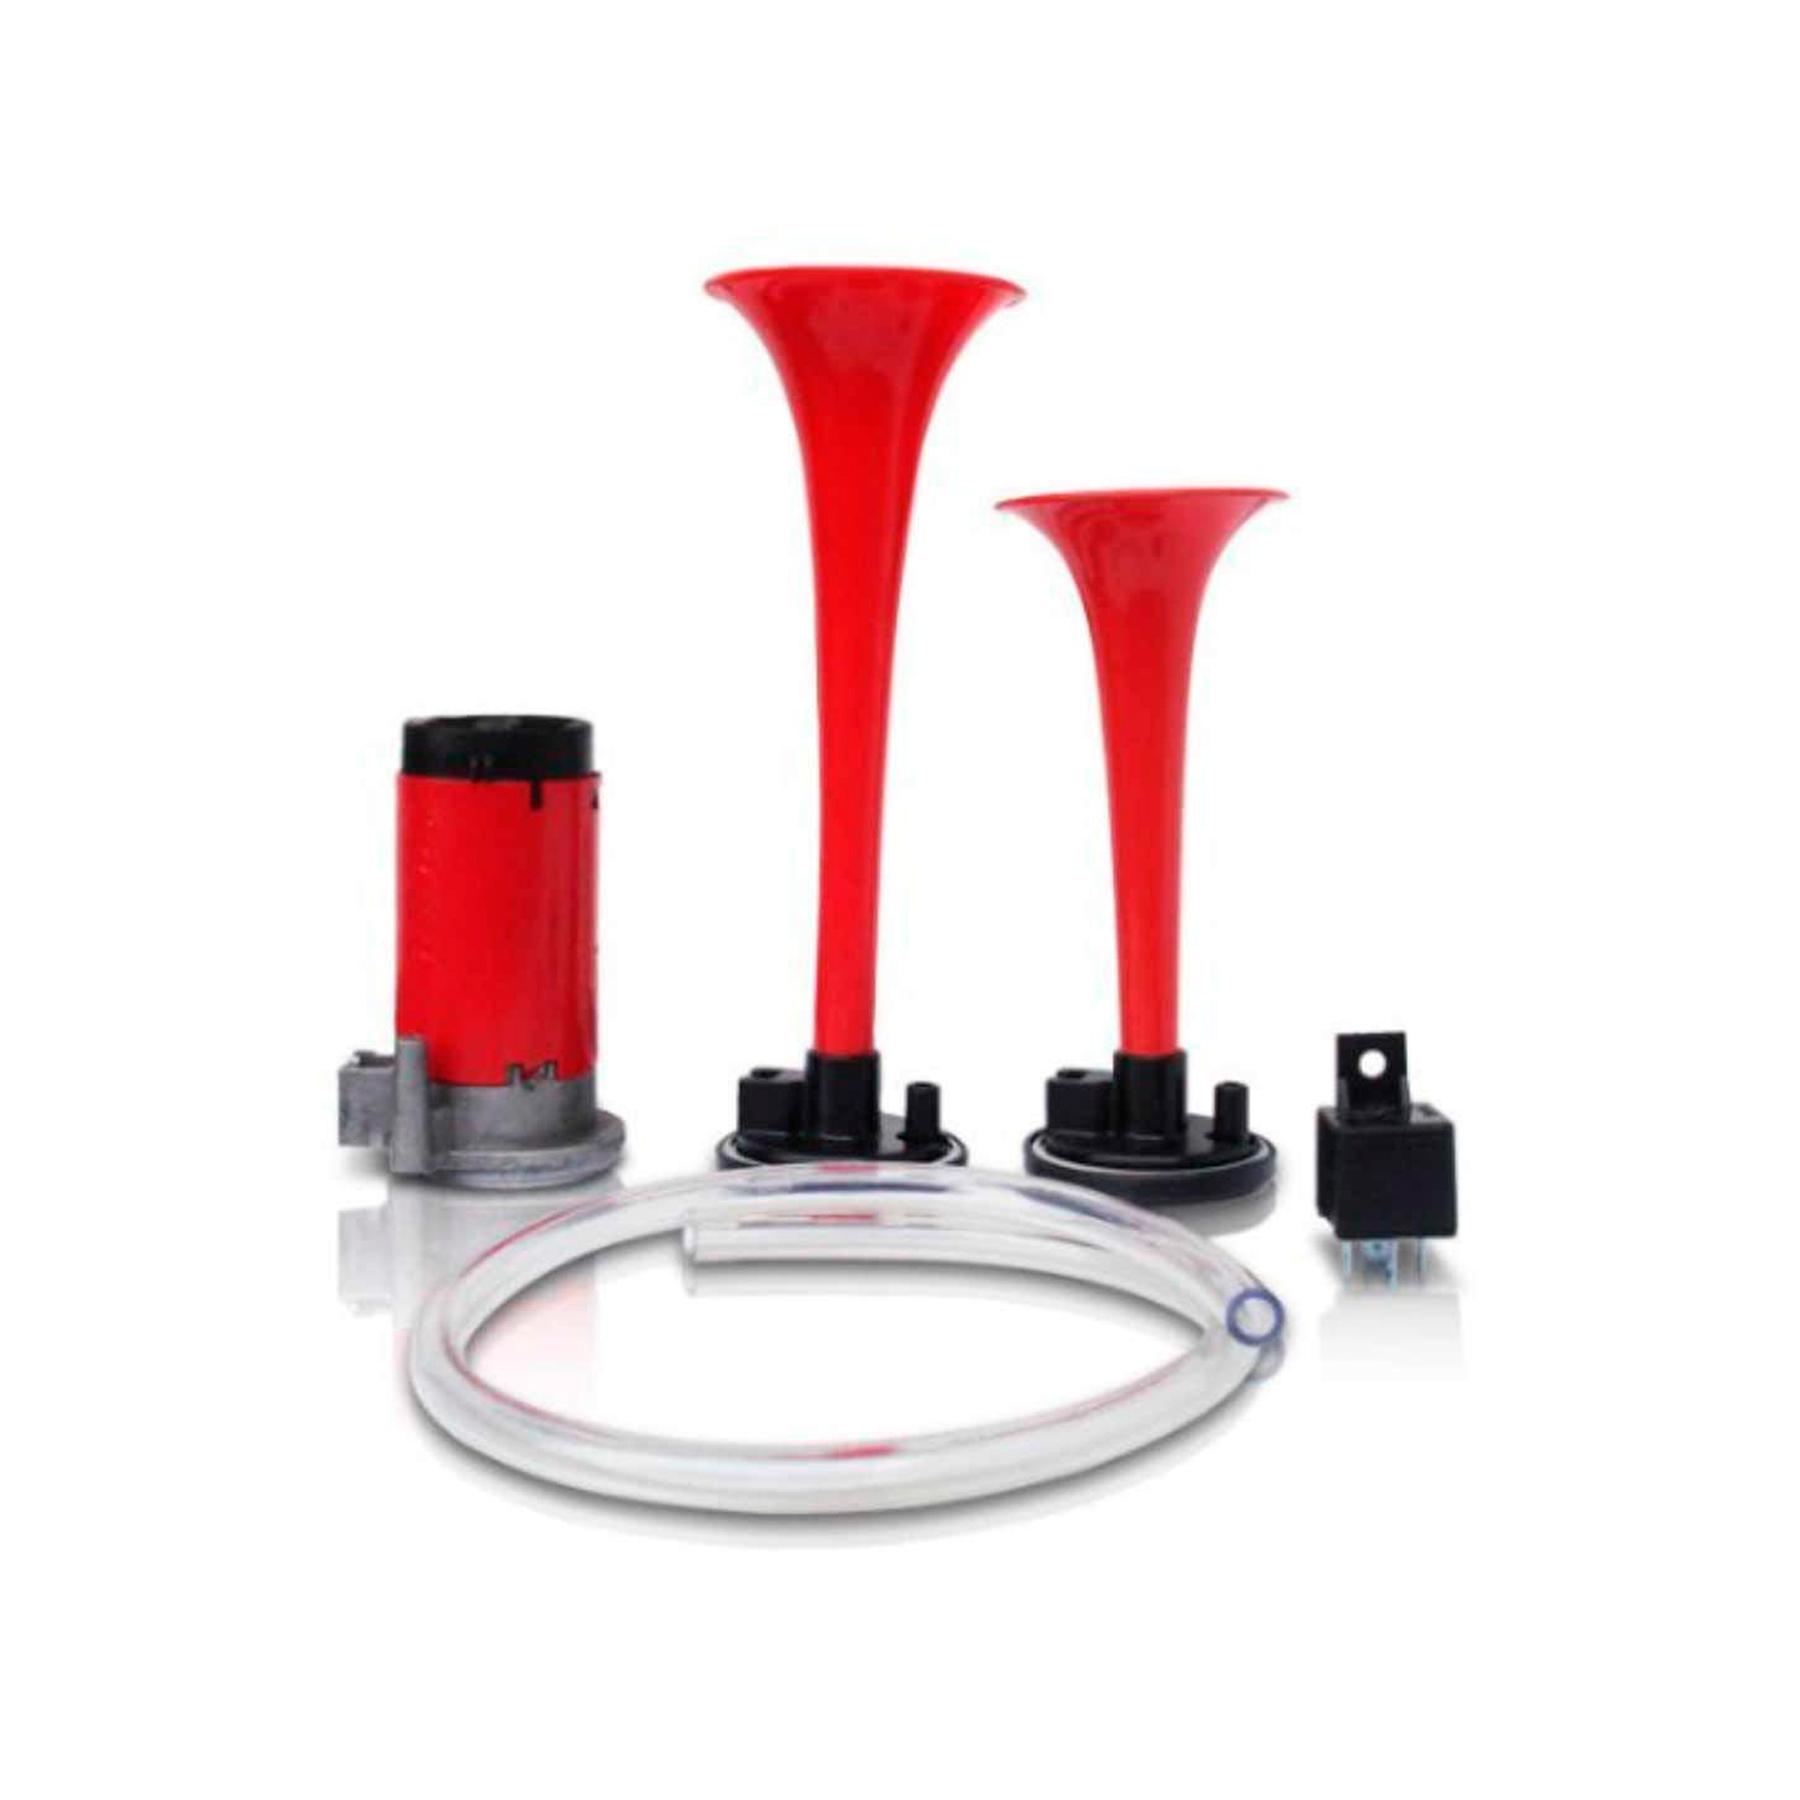 Buzina Eletropneumática Com 2 Cornetas - Vetor